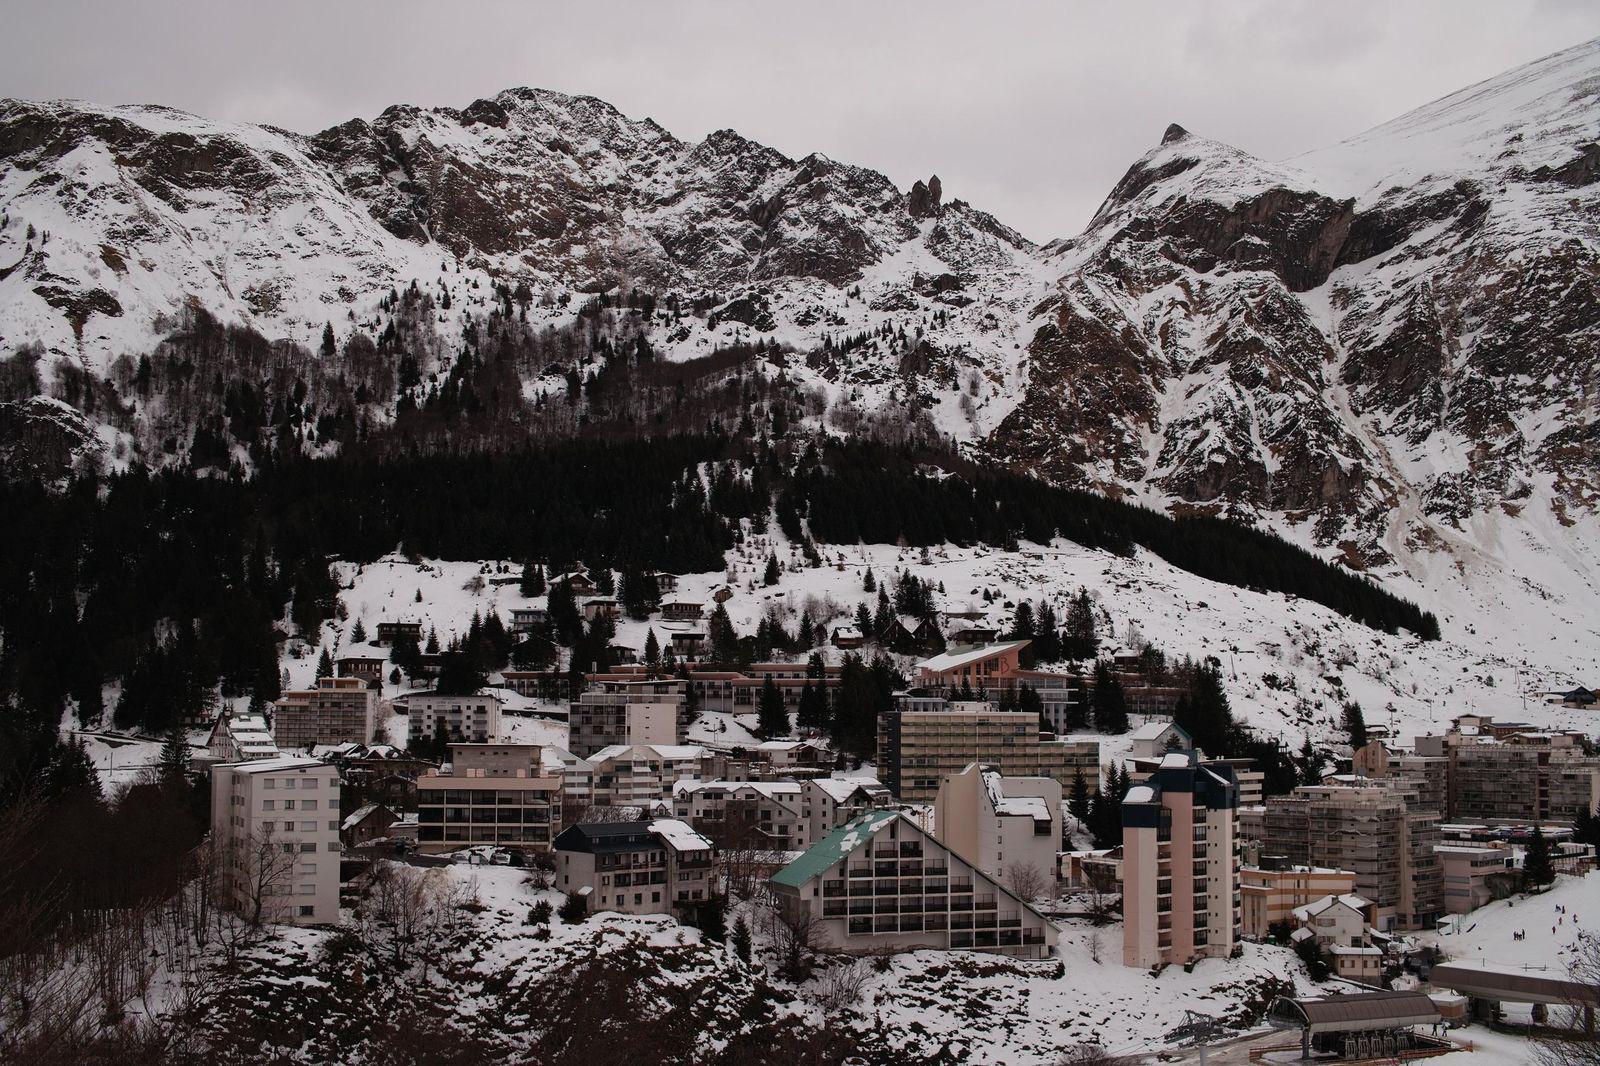 Station de ski de Gourette_Eaux-Bonnes